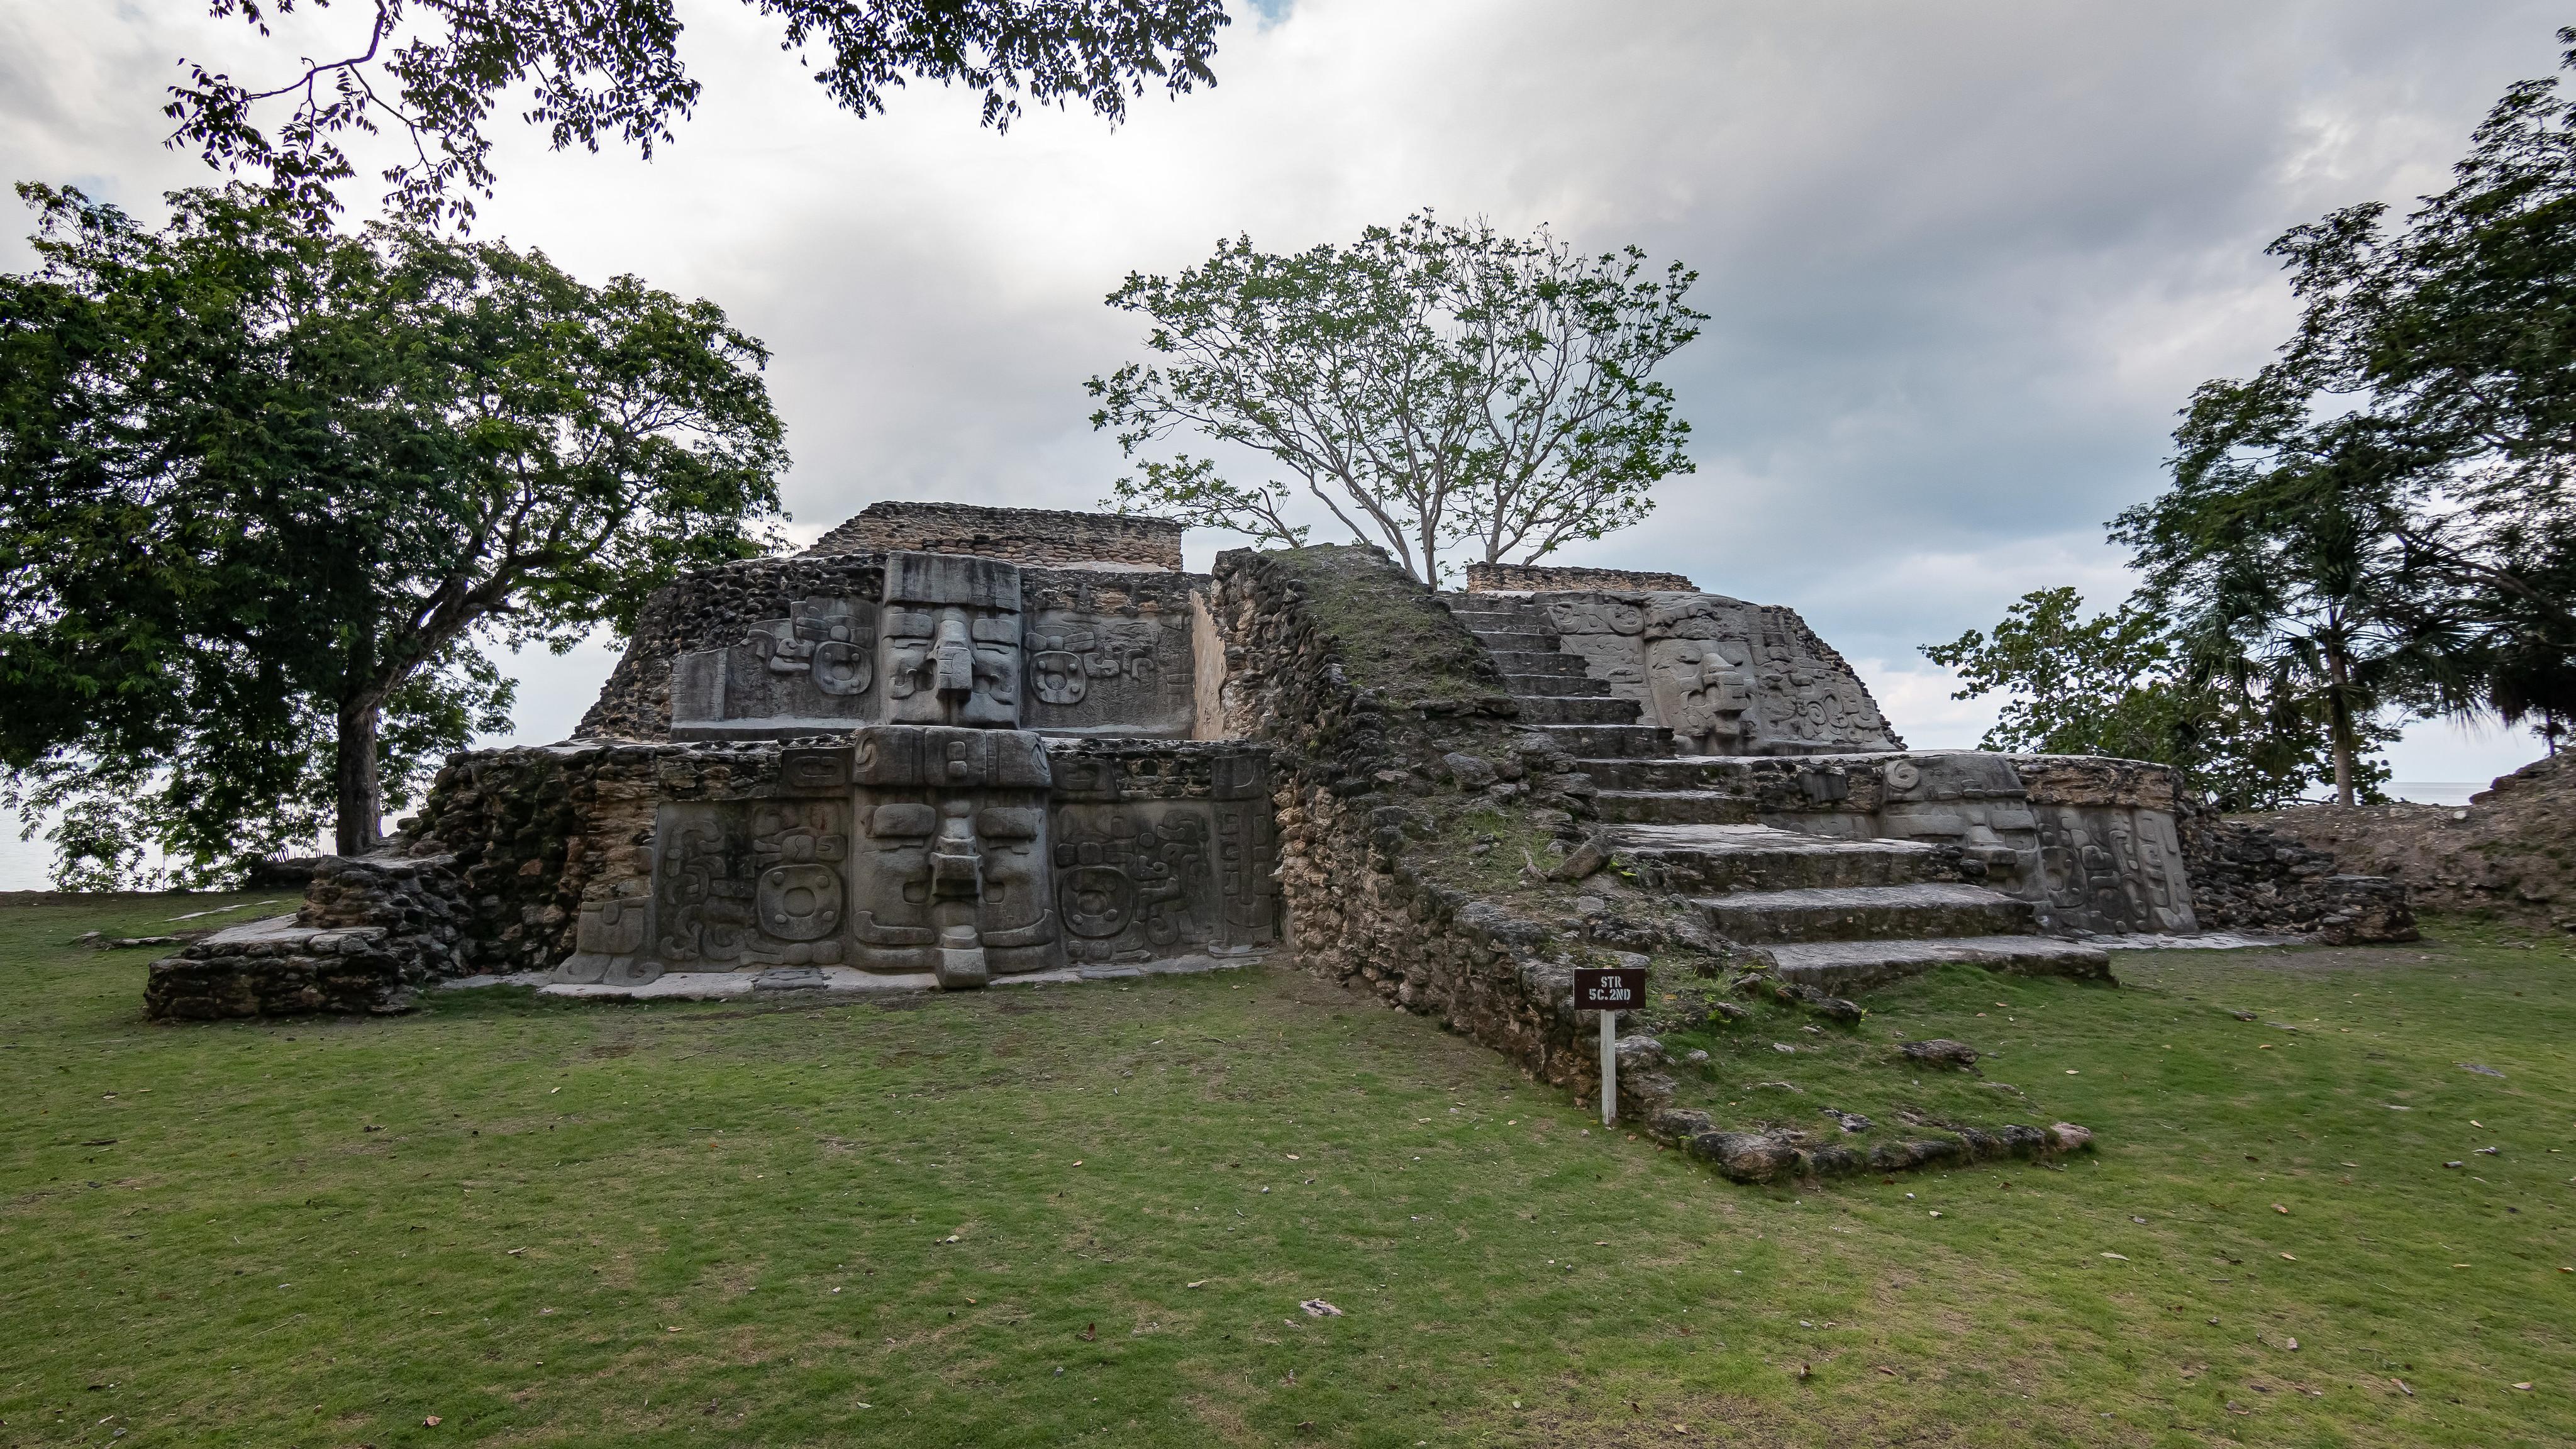 Cerros - [Belize]